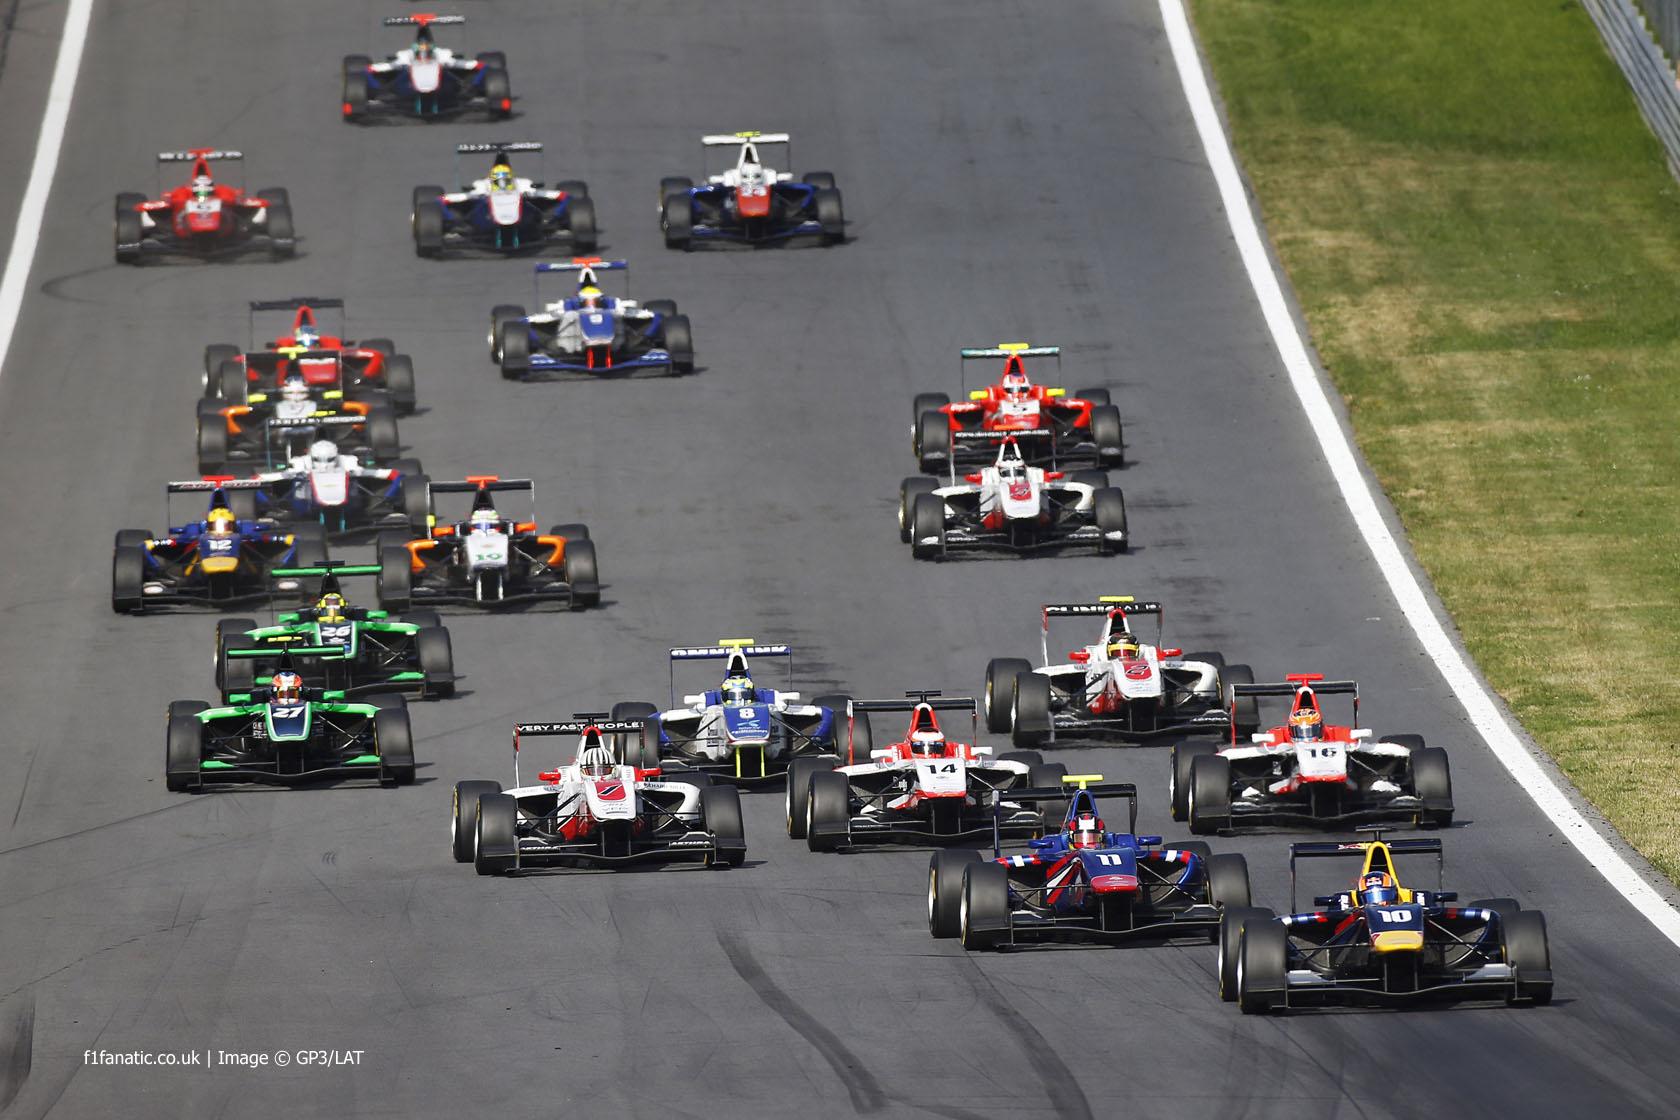 Start, GP3, Red Bull Ring, 2014, 3